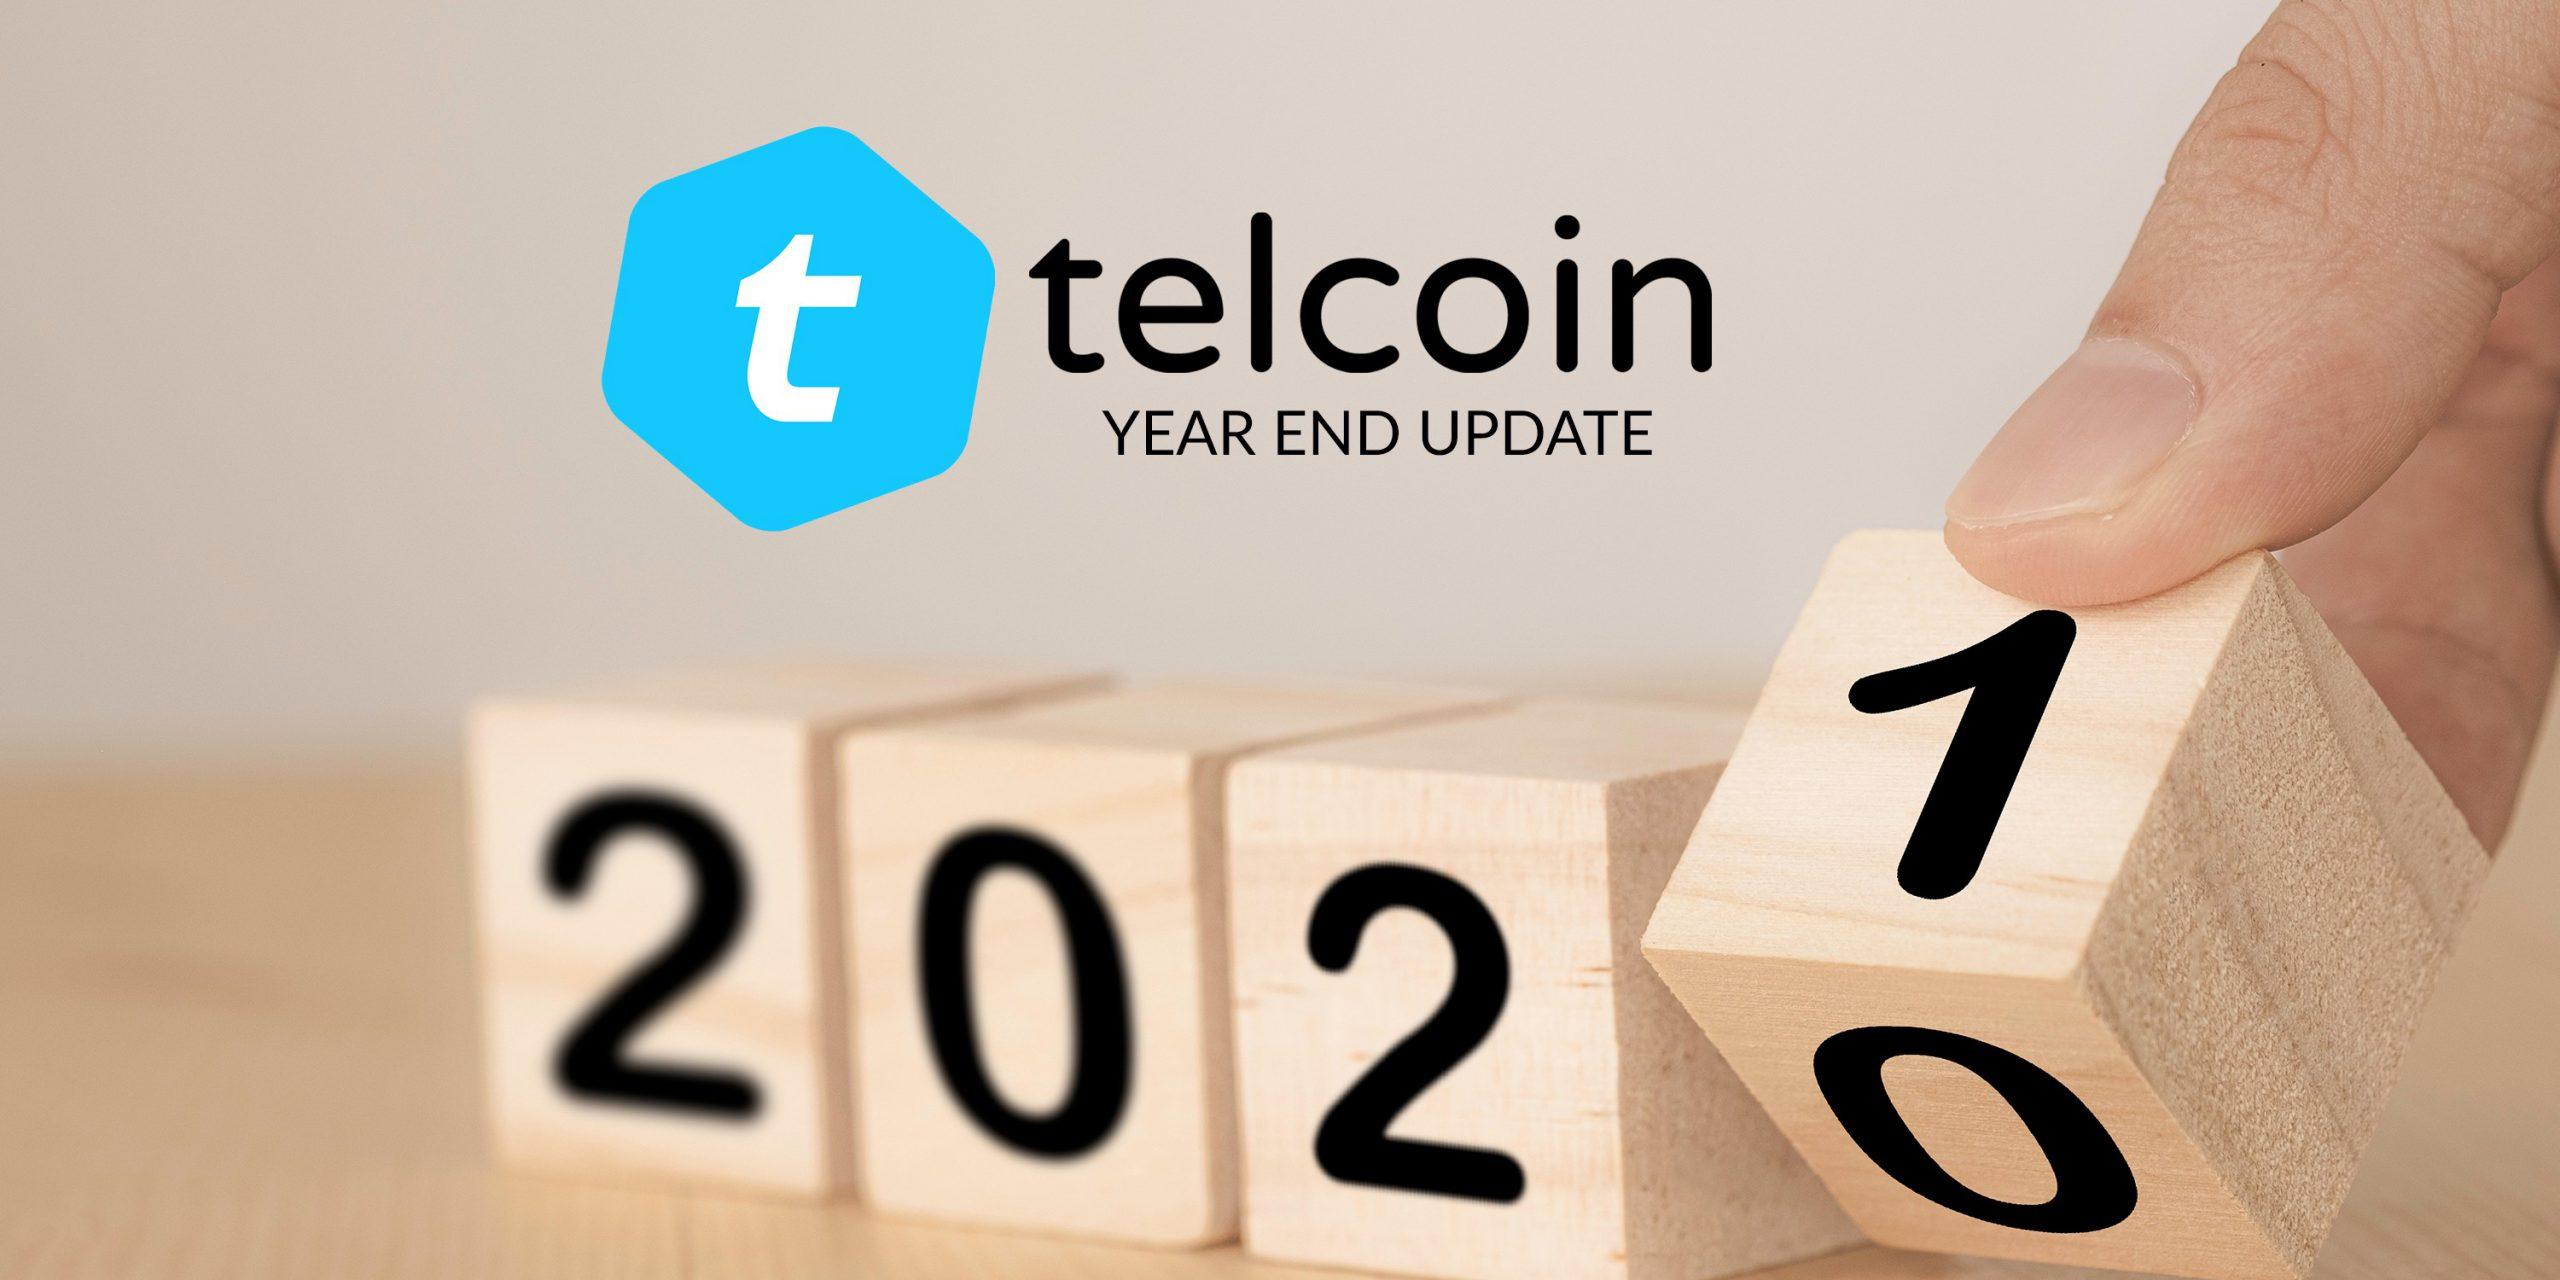 TEL تلکوین بلاکچین بیت کوین